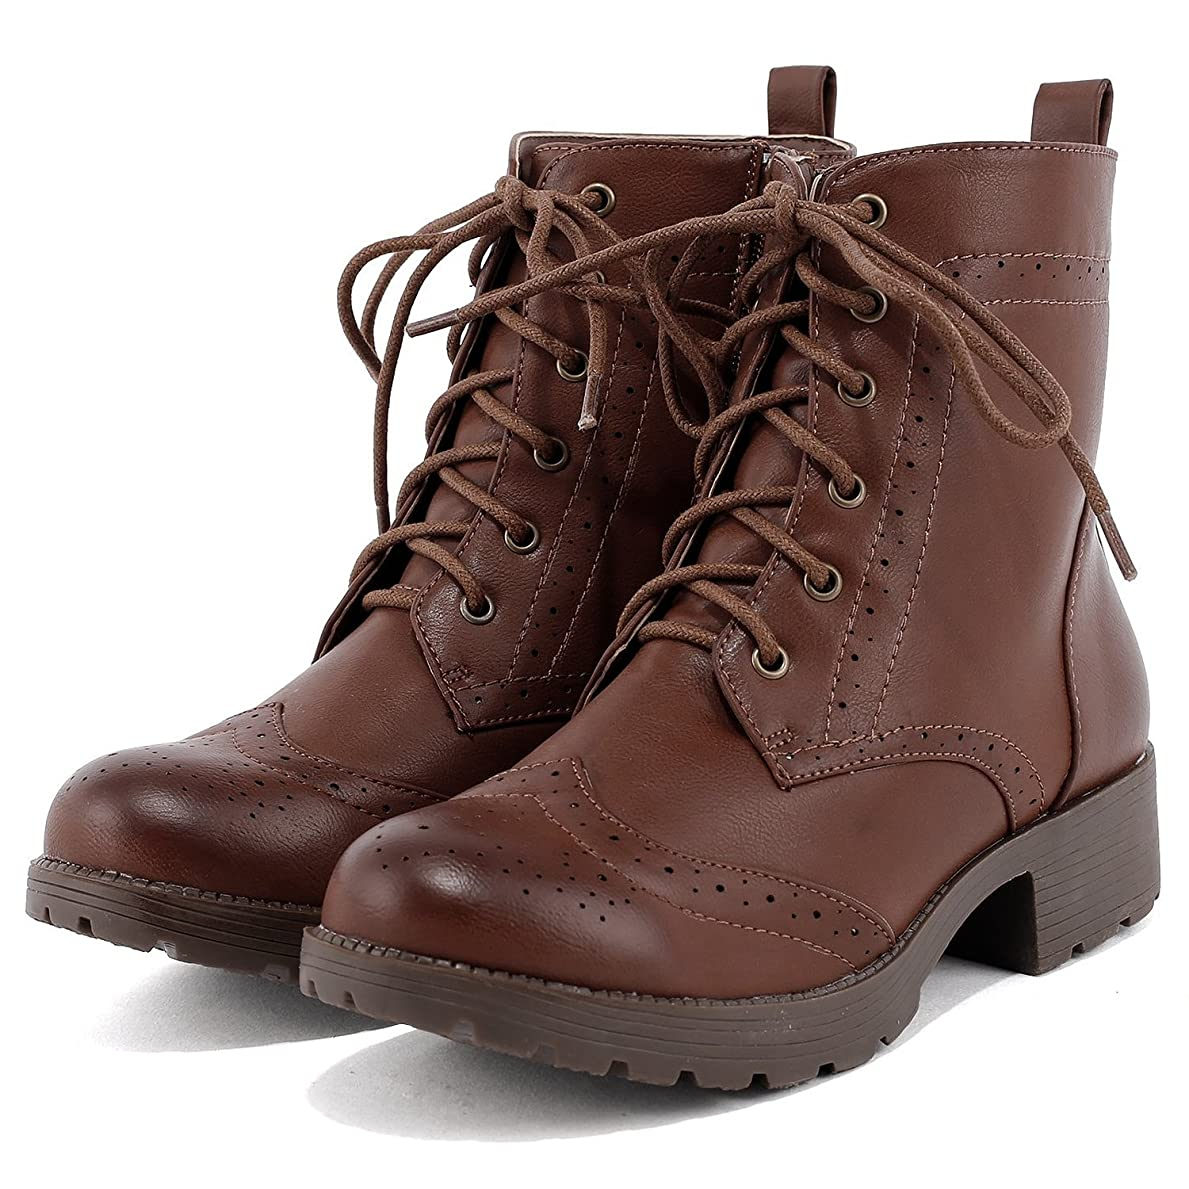 兵器庫悪夢ブランド名[フェリシア フェリーチェ] ウイングチップの編み上げショートブーツ 23.5cm ブラウン茶色